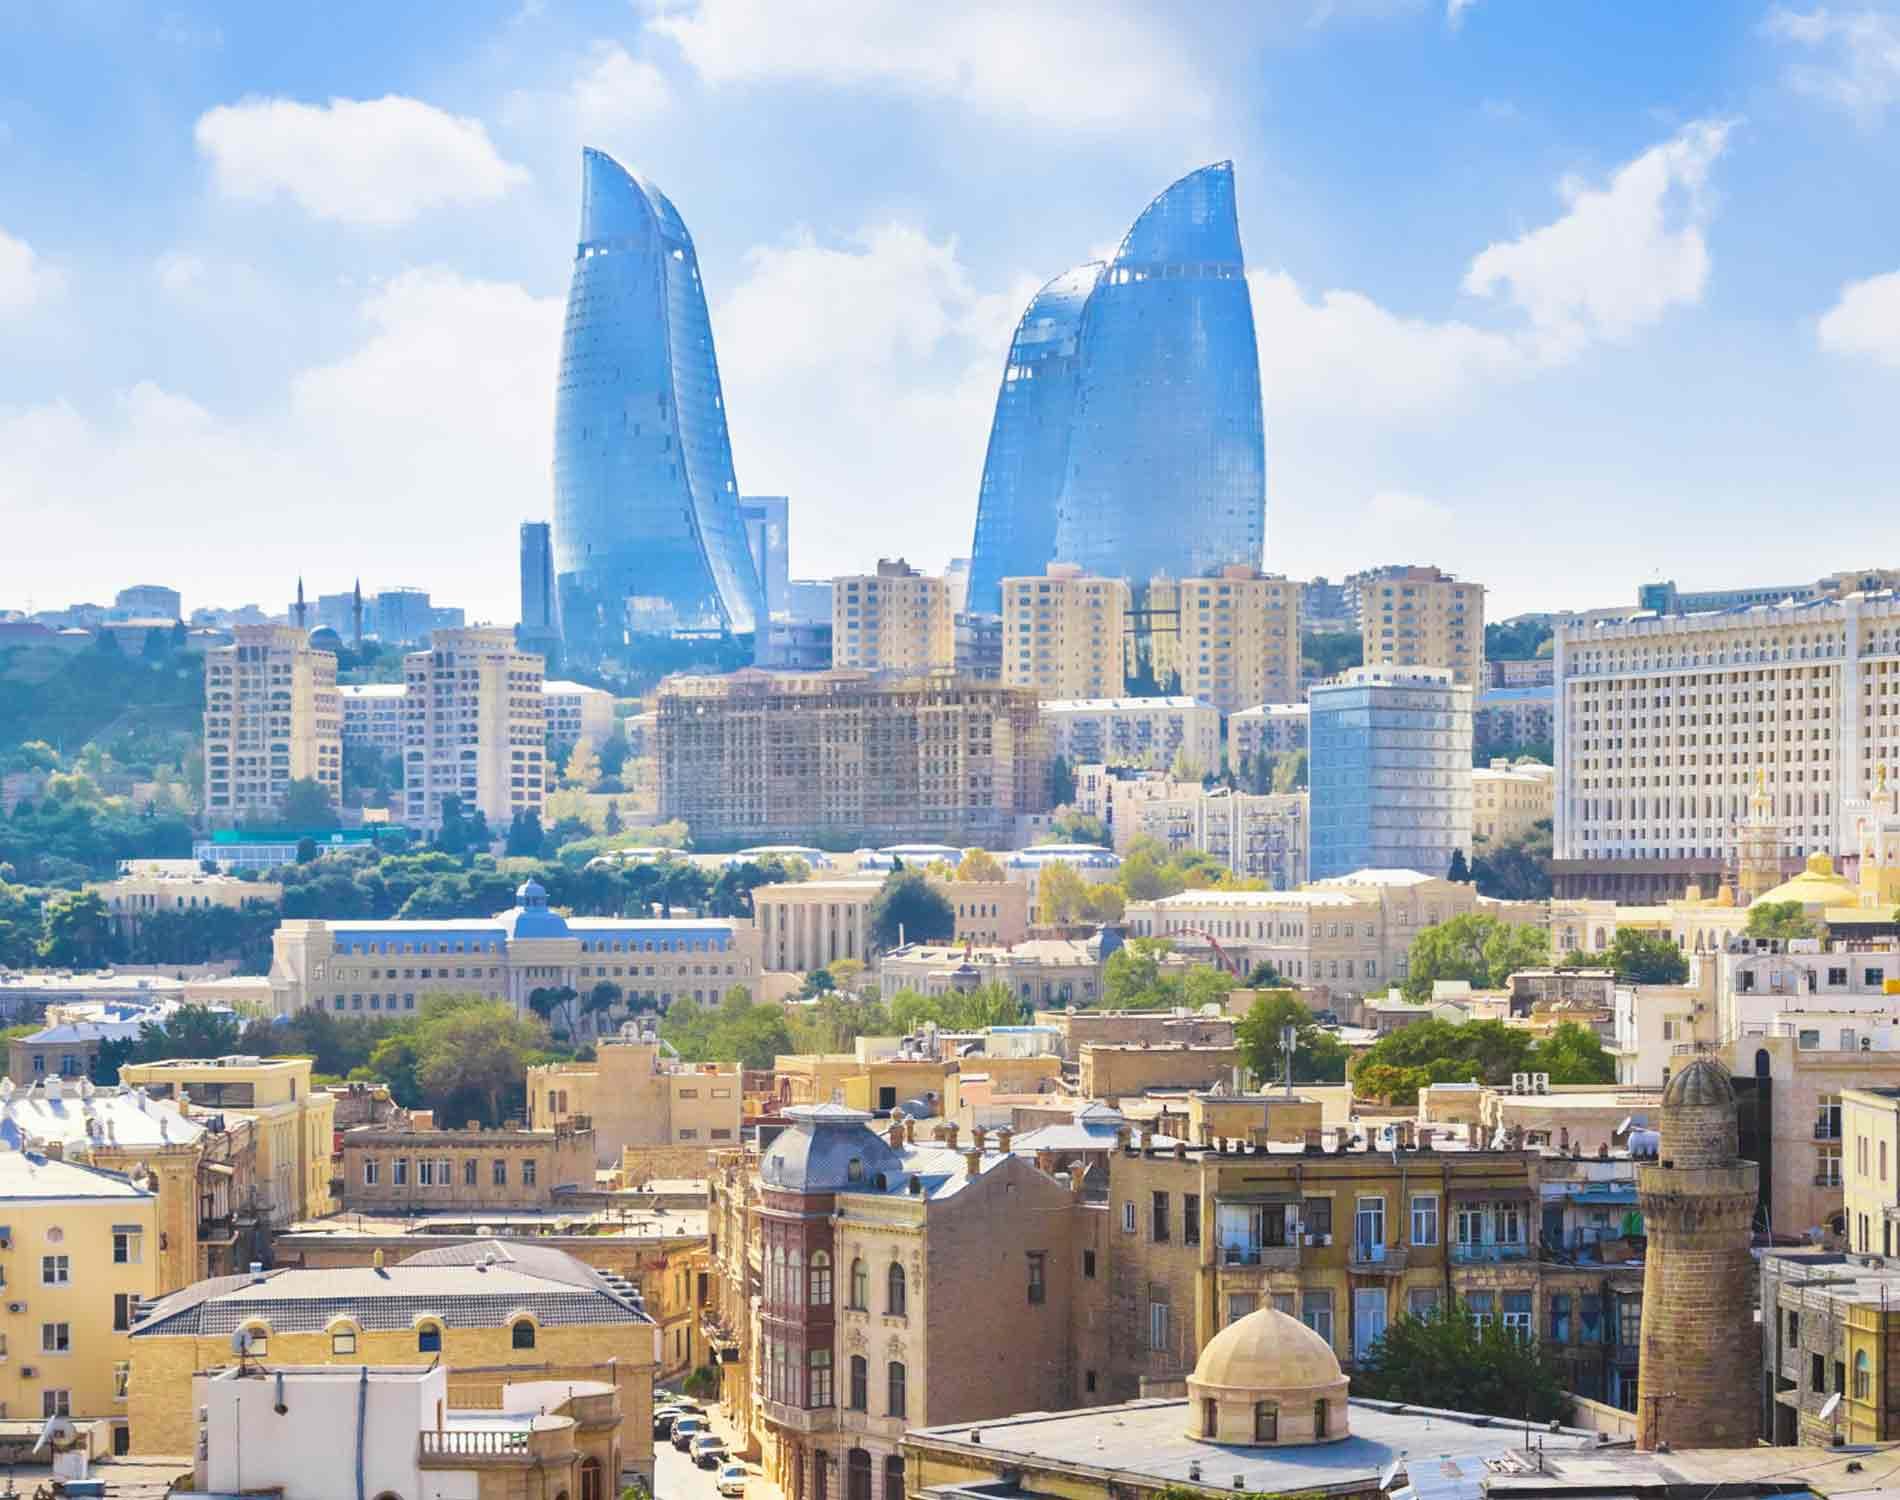 Αποτέλεσμα εικόνας για azerbaijan baku